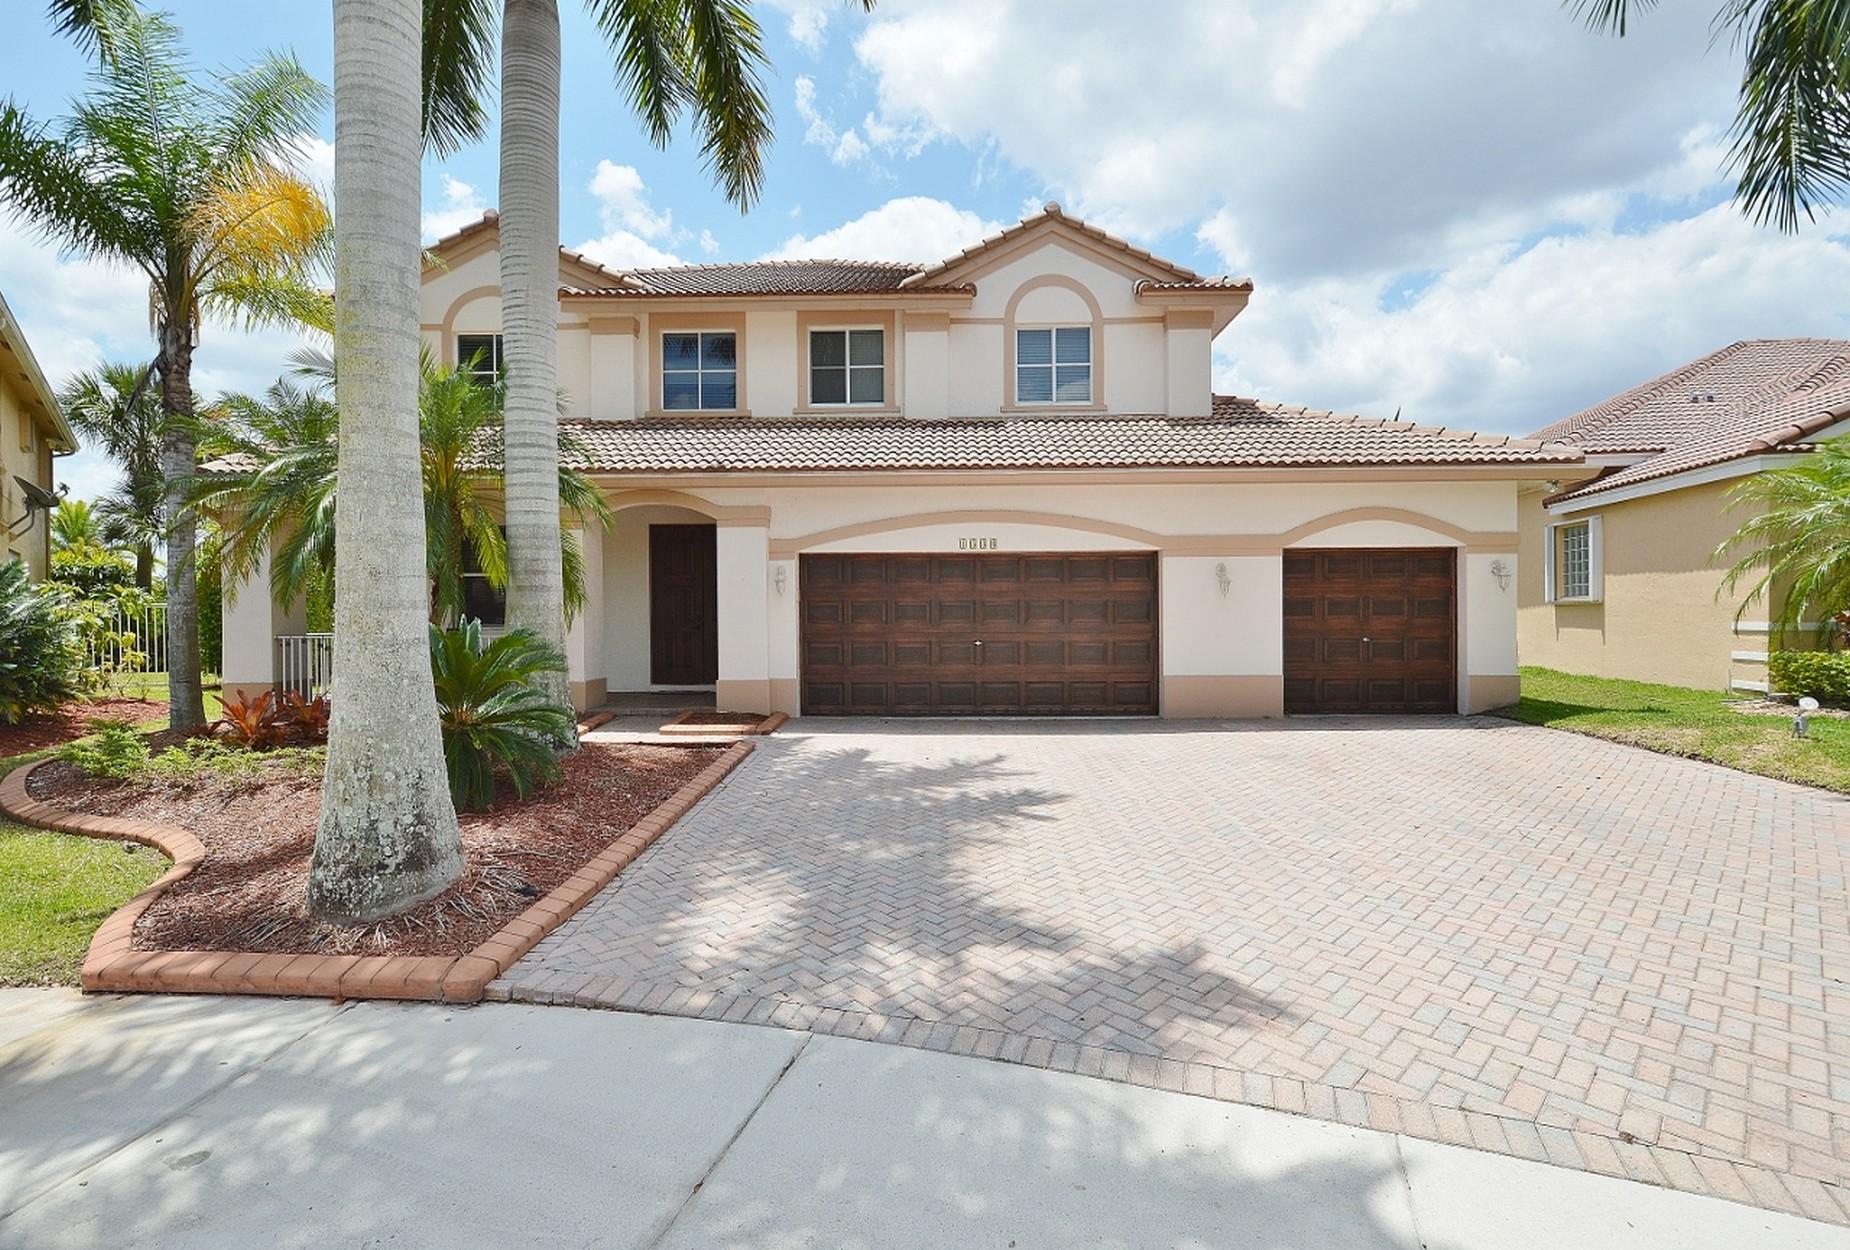 Casa Unifamiliar por un Venta en 1538 Cardinal Way Weston, Florida, 33327 Estados Unidos